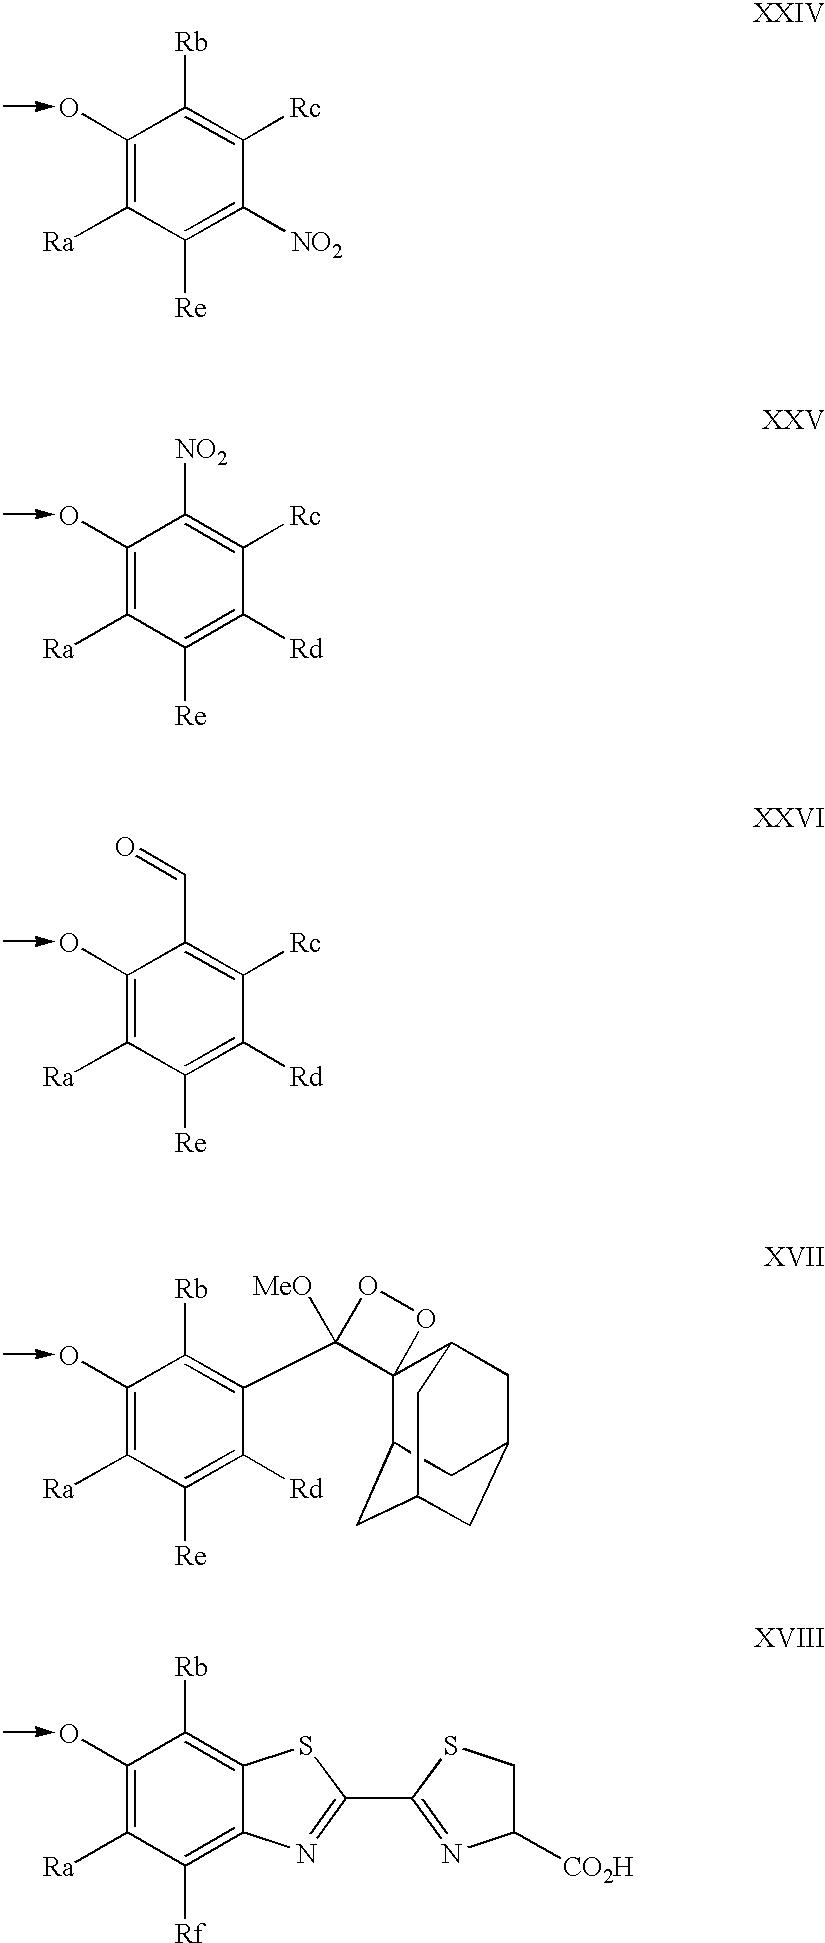 Figure US06514687-20030204-C00086